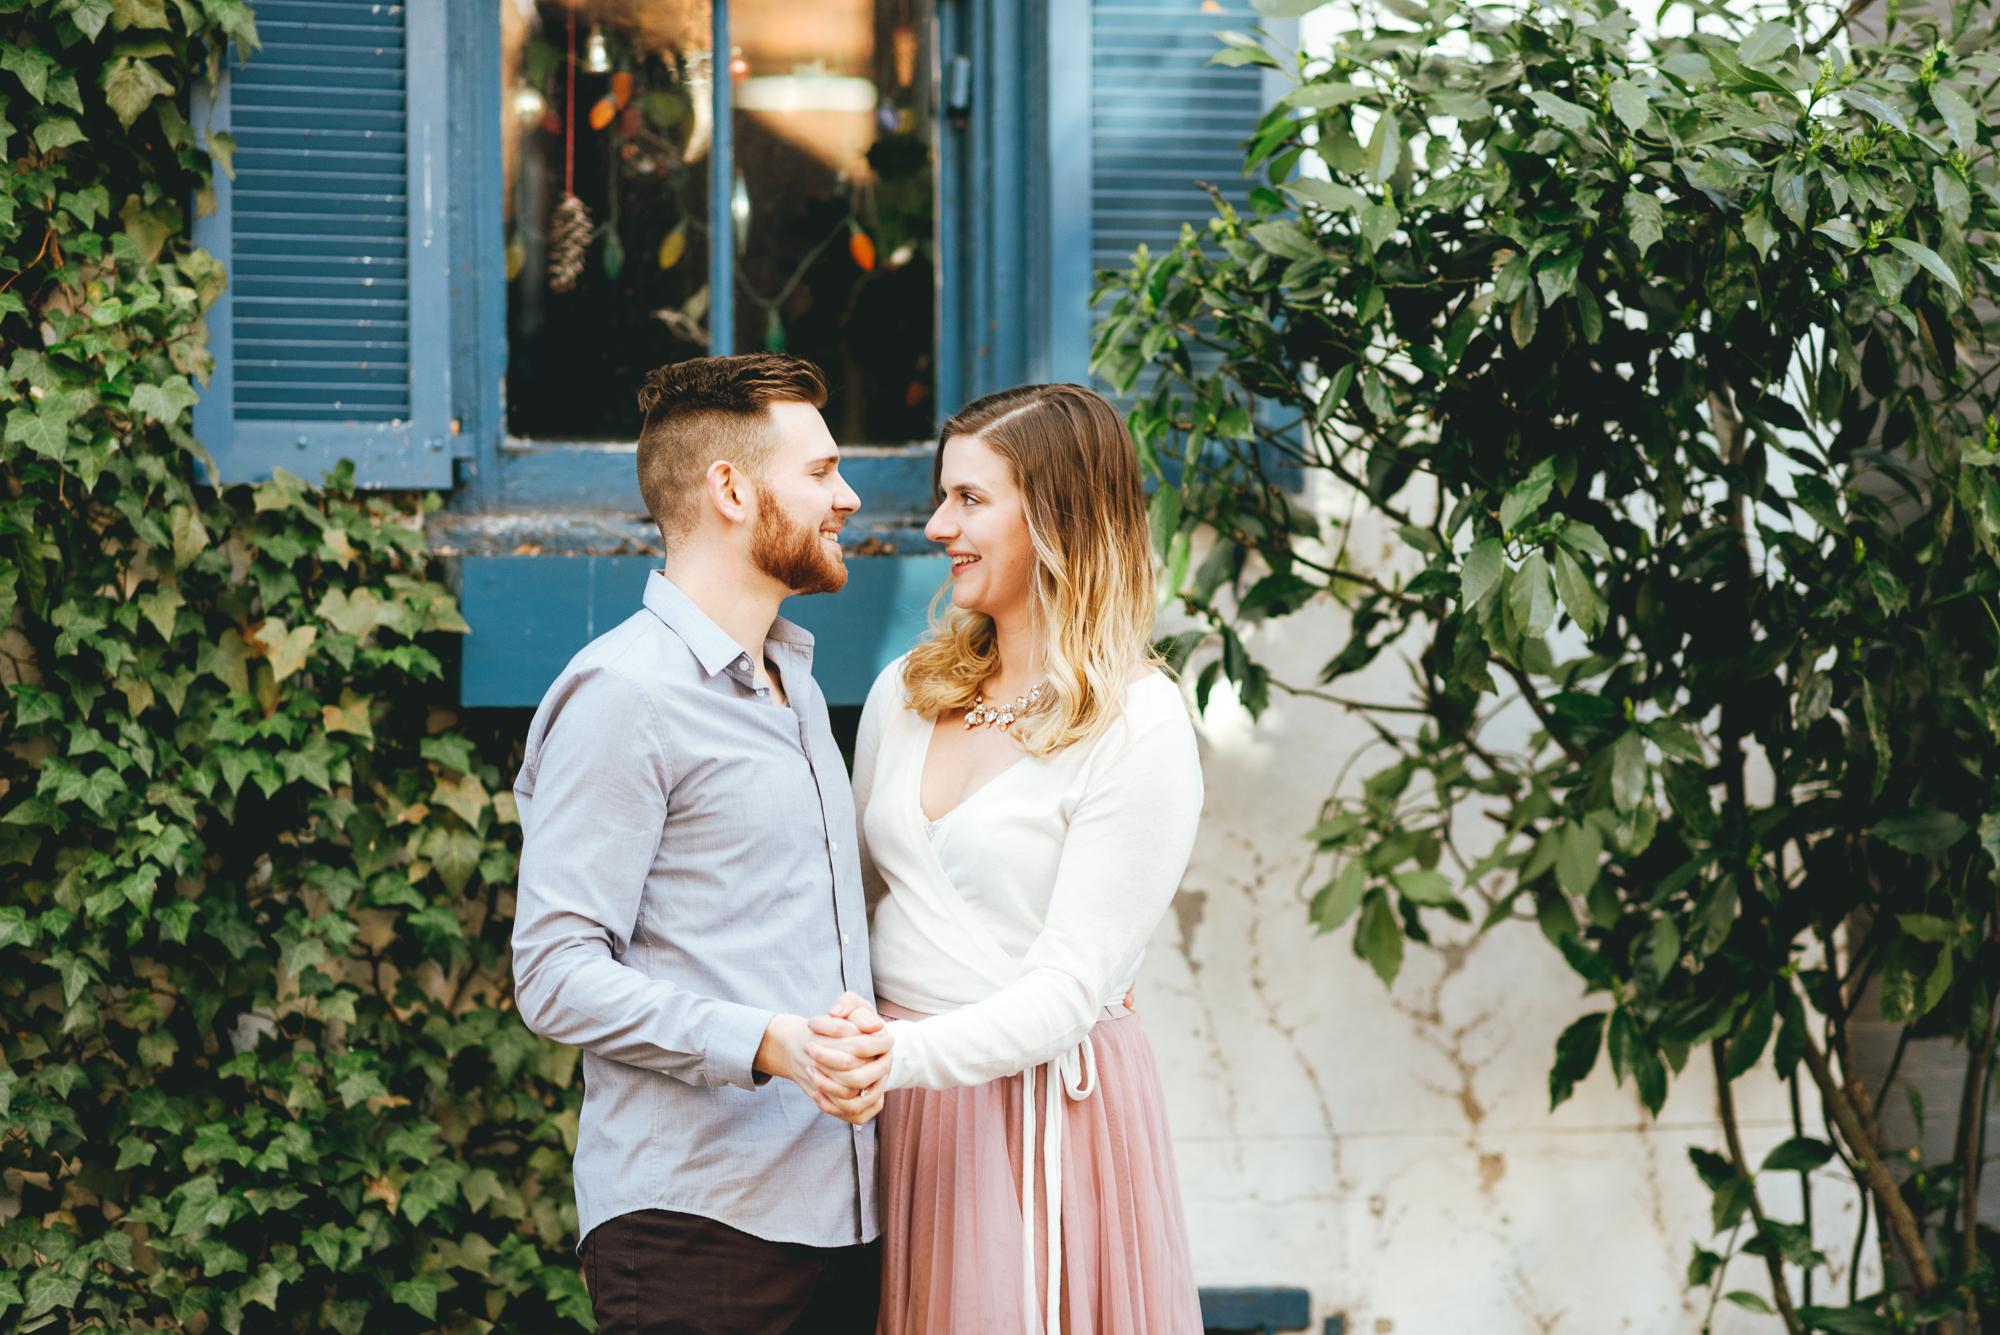 Philadelphia-PA-Engagement-Photographer-Peaberry-Photo-Wedding-Photography-15.jpg